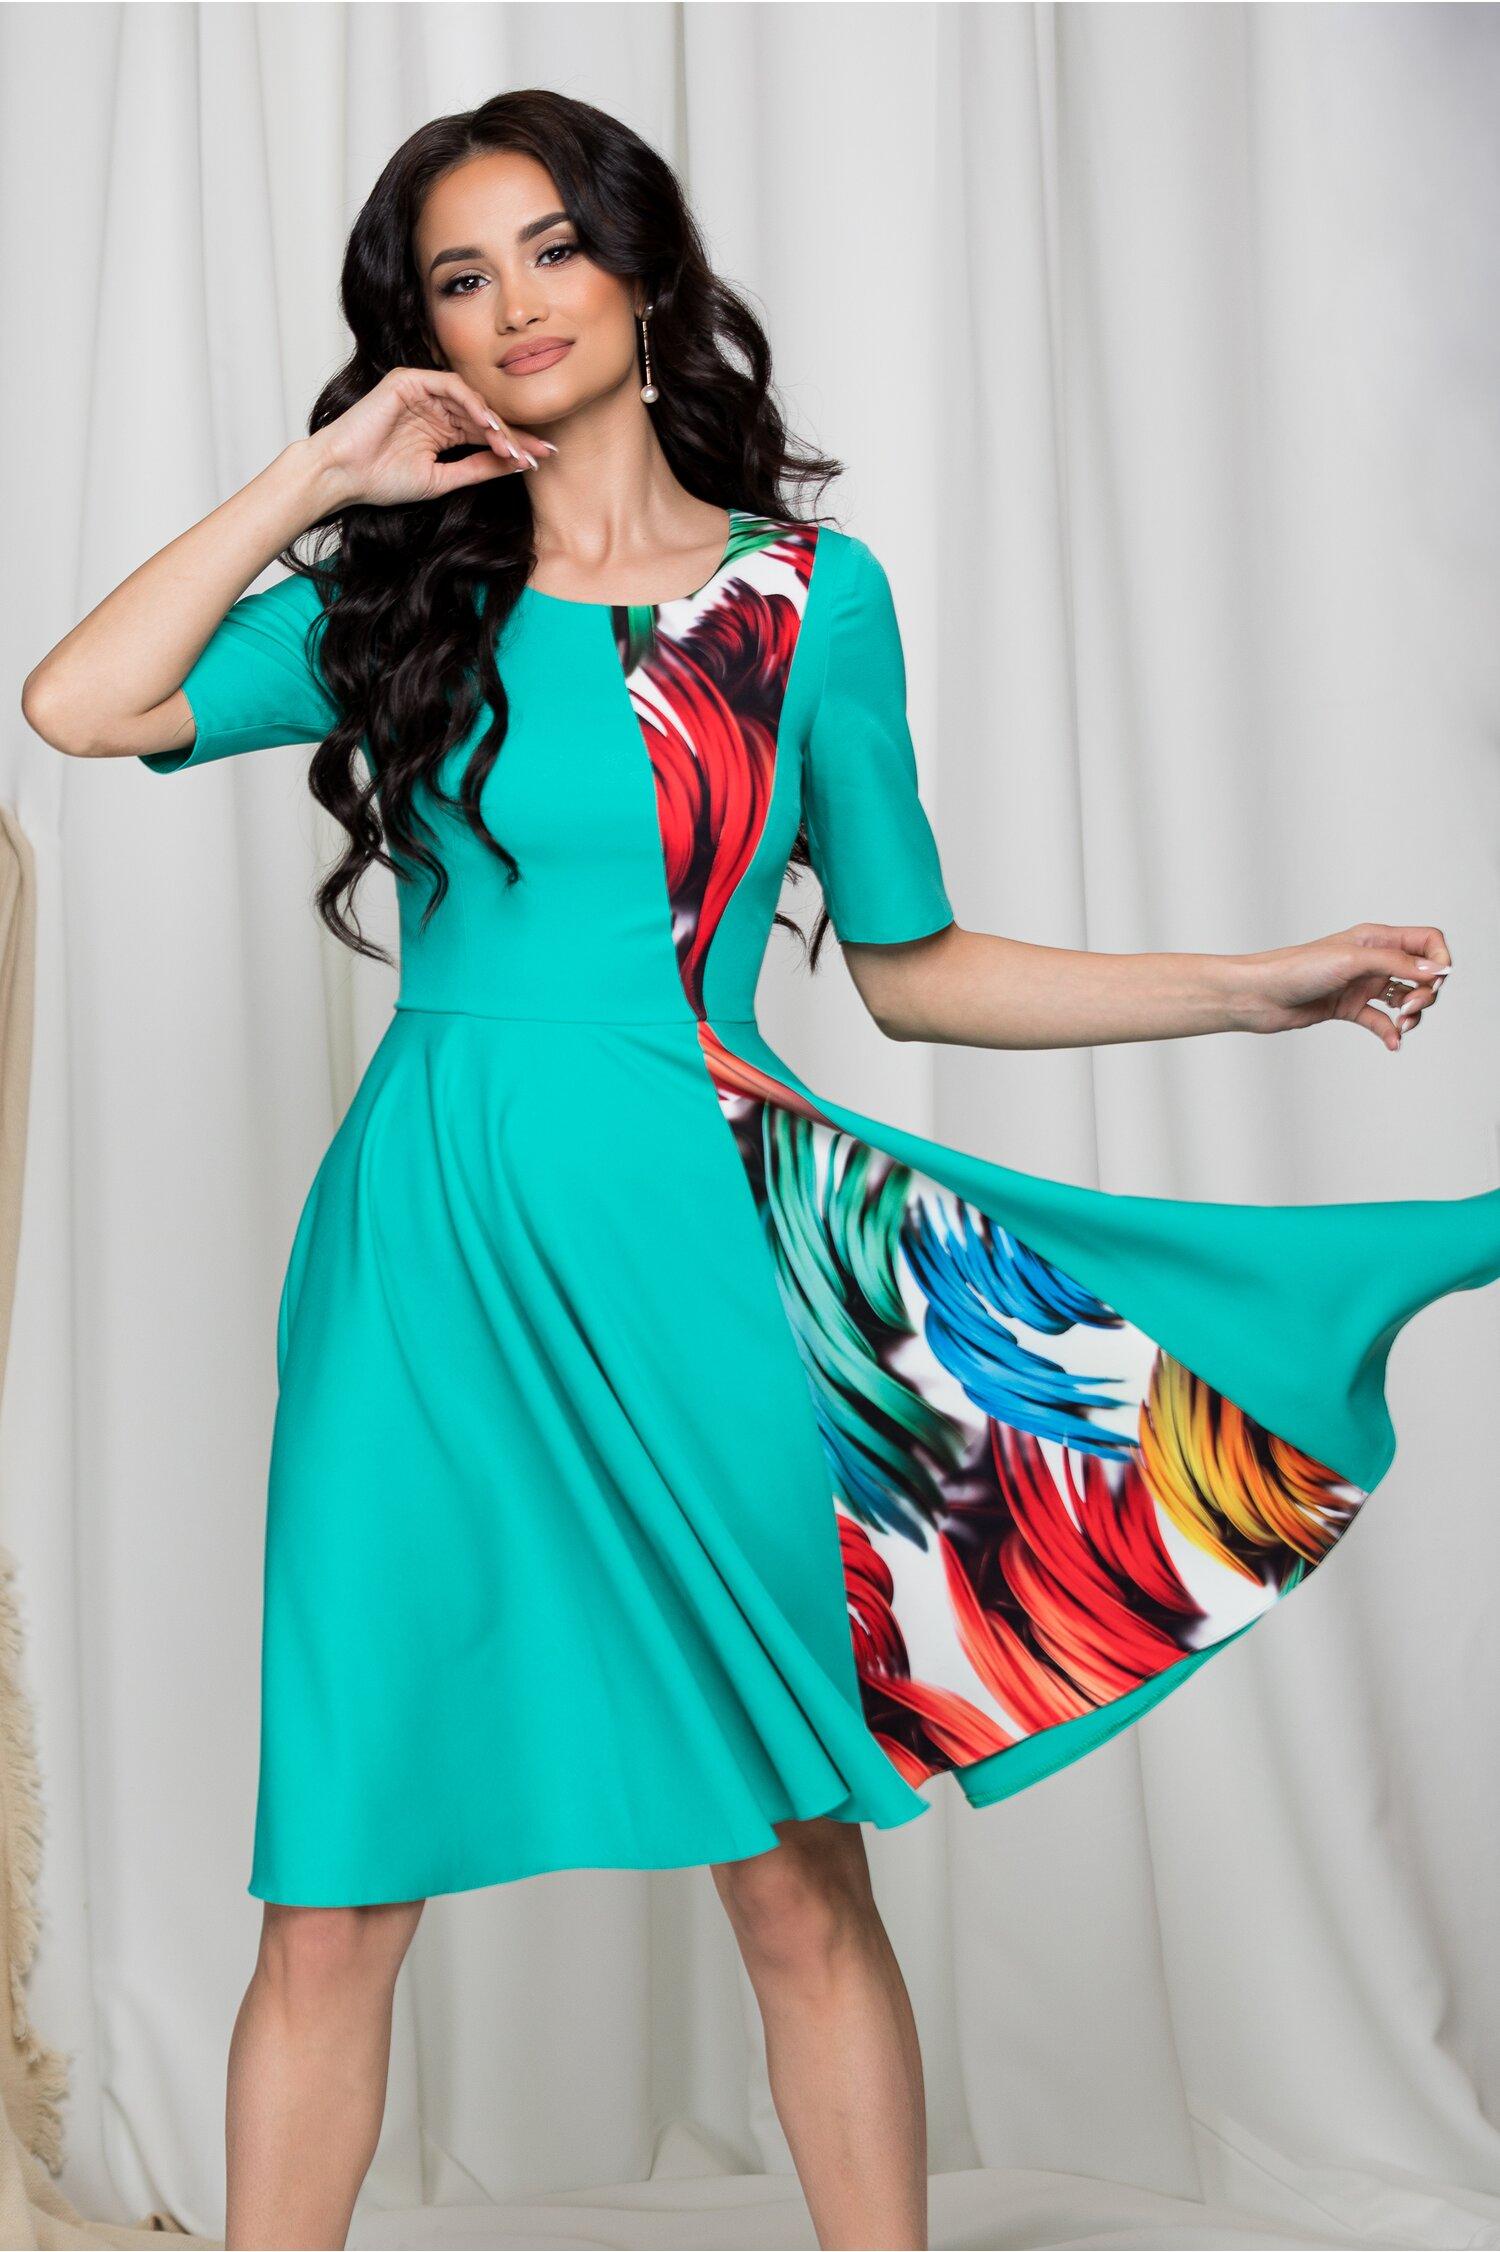 Rochie Moze turcoaz cu imprimeu multicolor imagine dyfashion.ro 2021